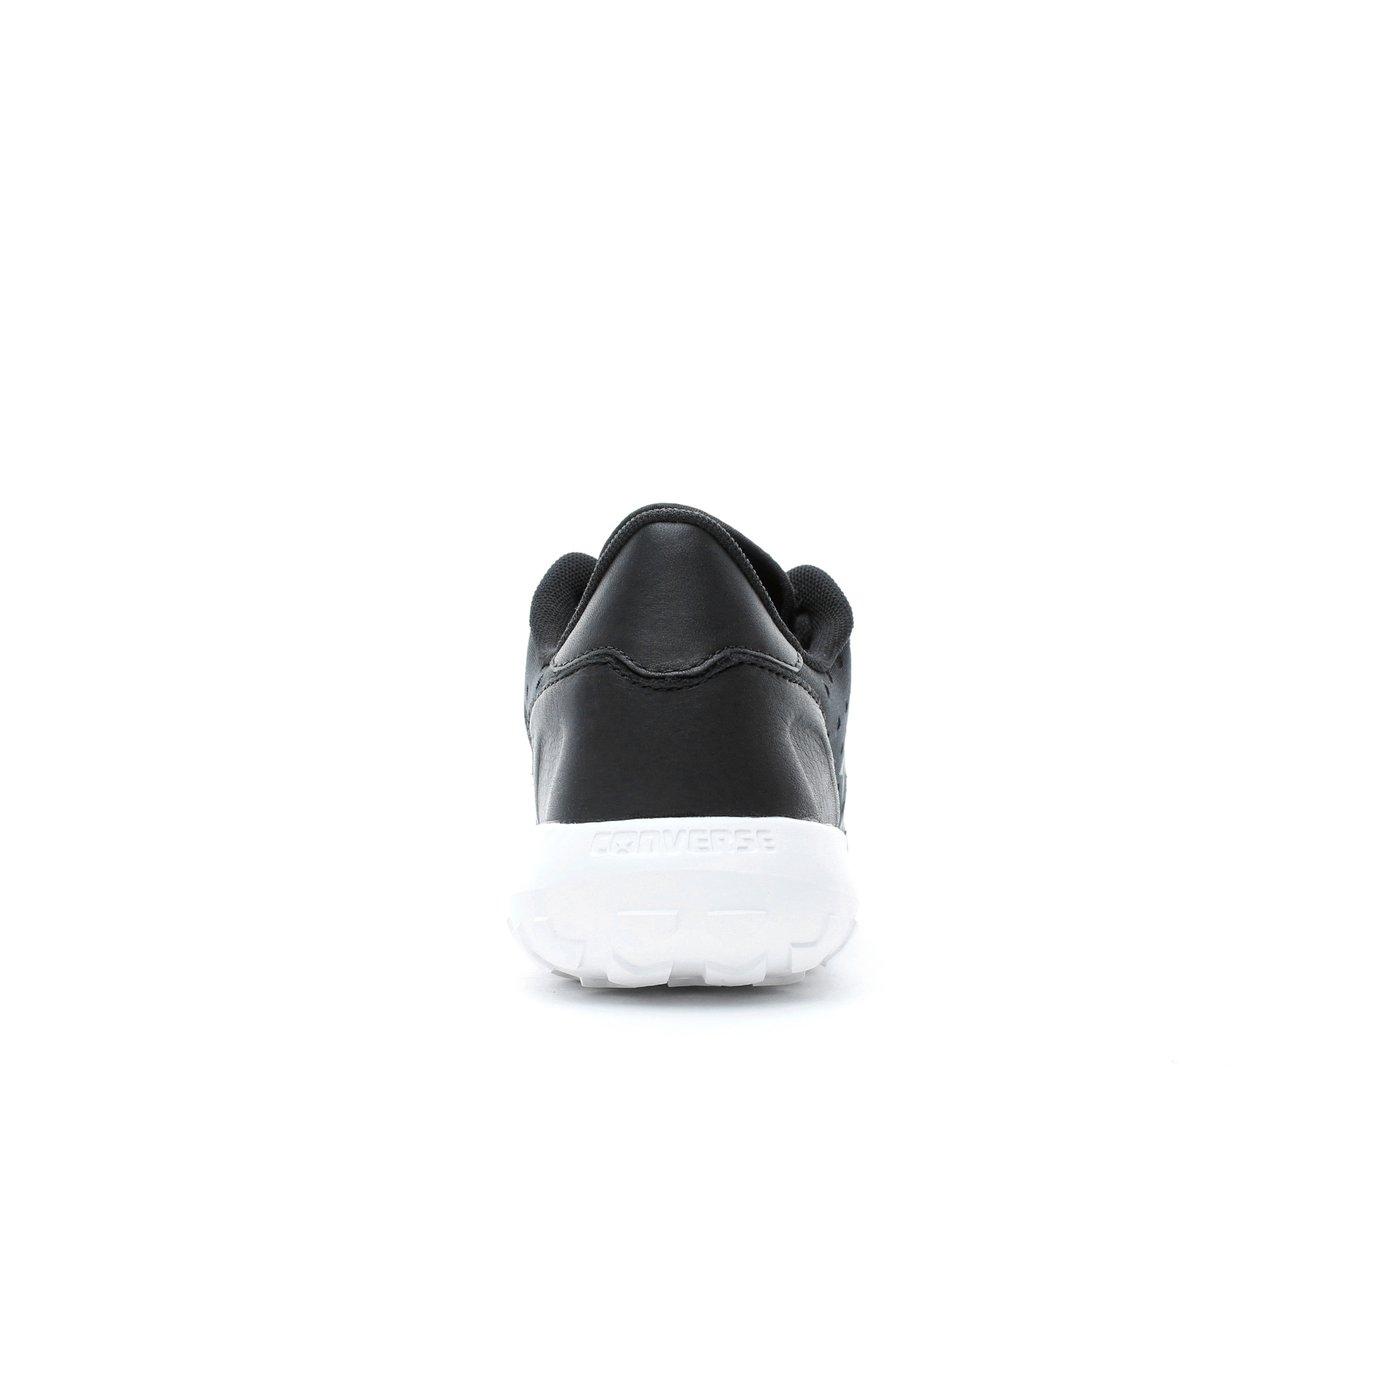 Converse Thunderbolt Ultra Kadın Siyah Spor Ayakkabı